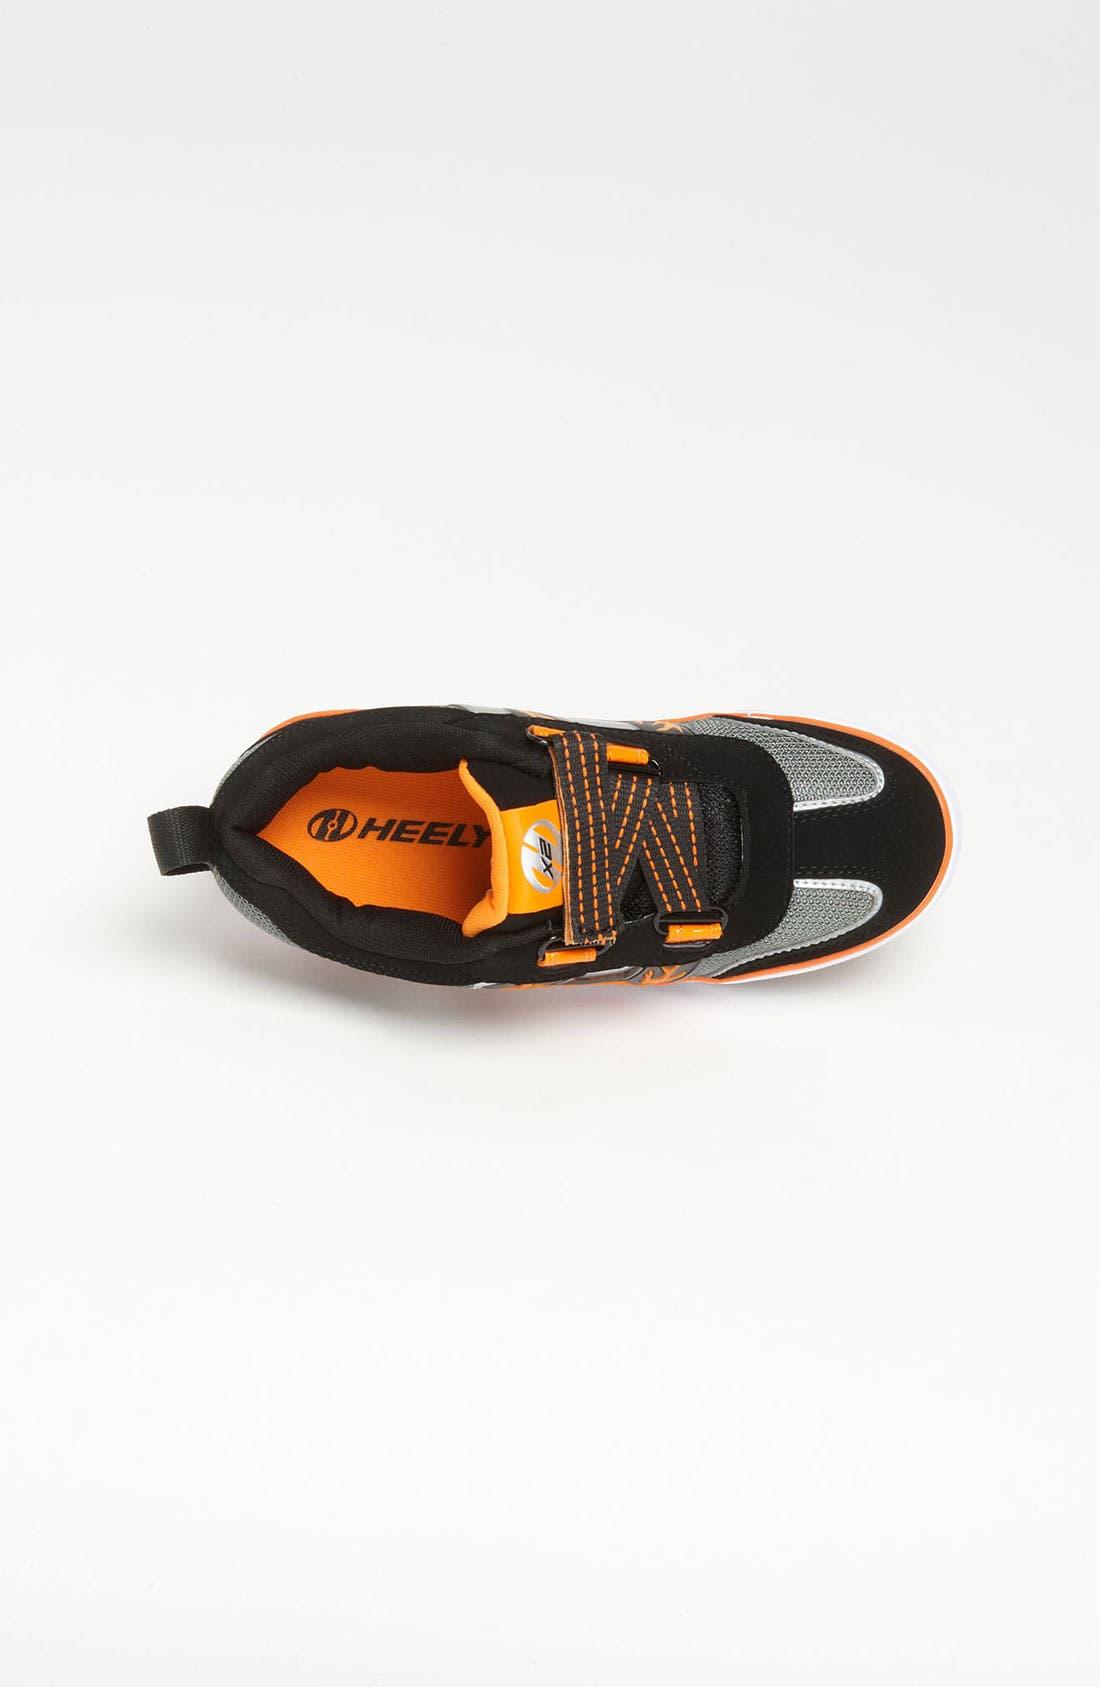 Alternate Image 3  - Heelys 'Bolt' Light-Up Skate Shoe (Toddler & Little Kid)